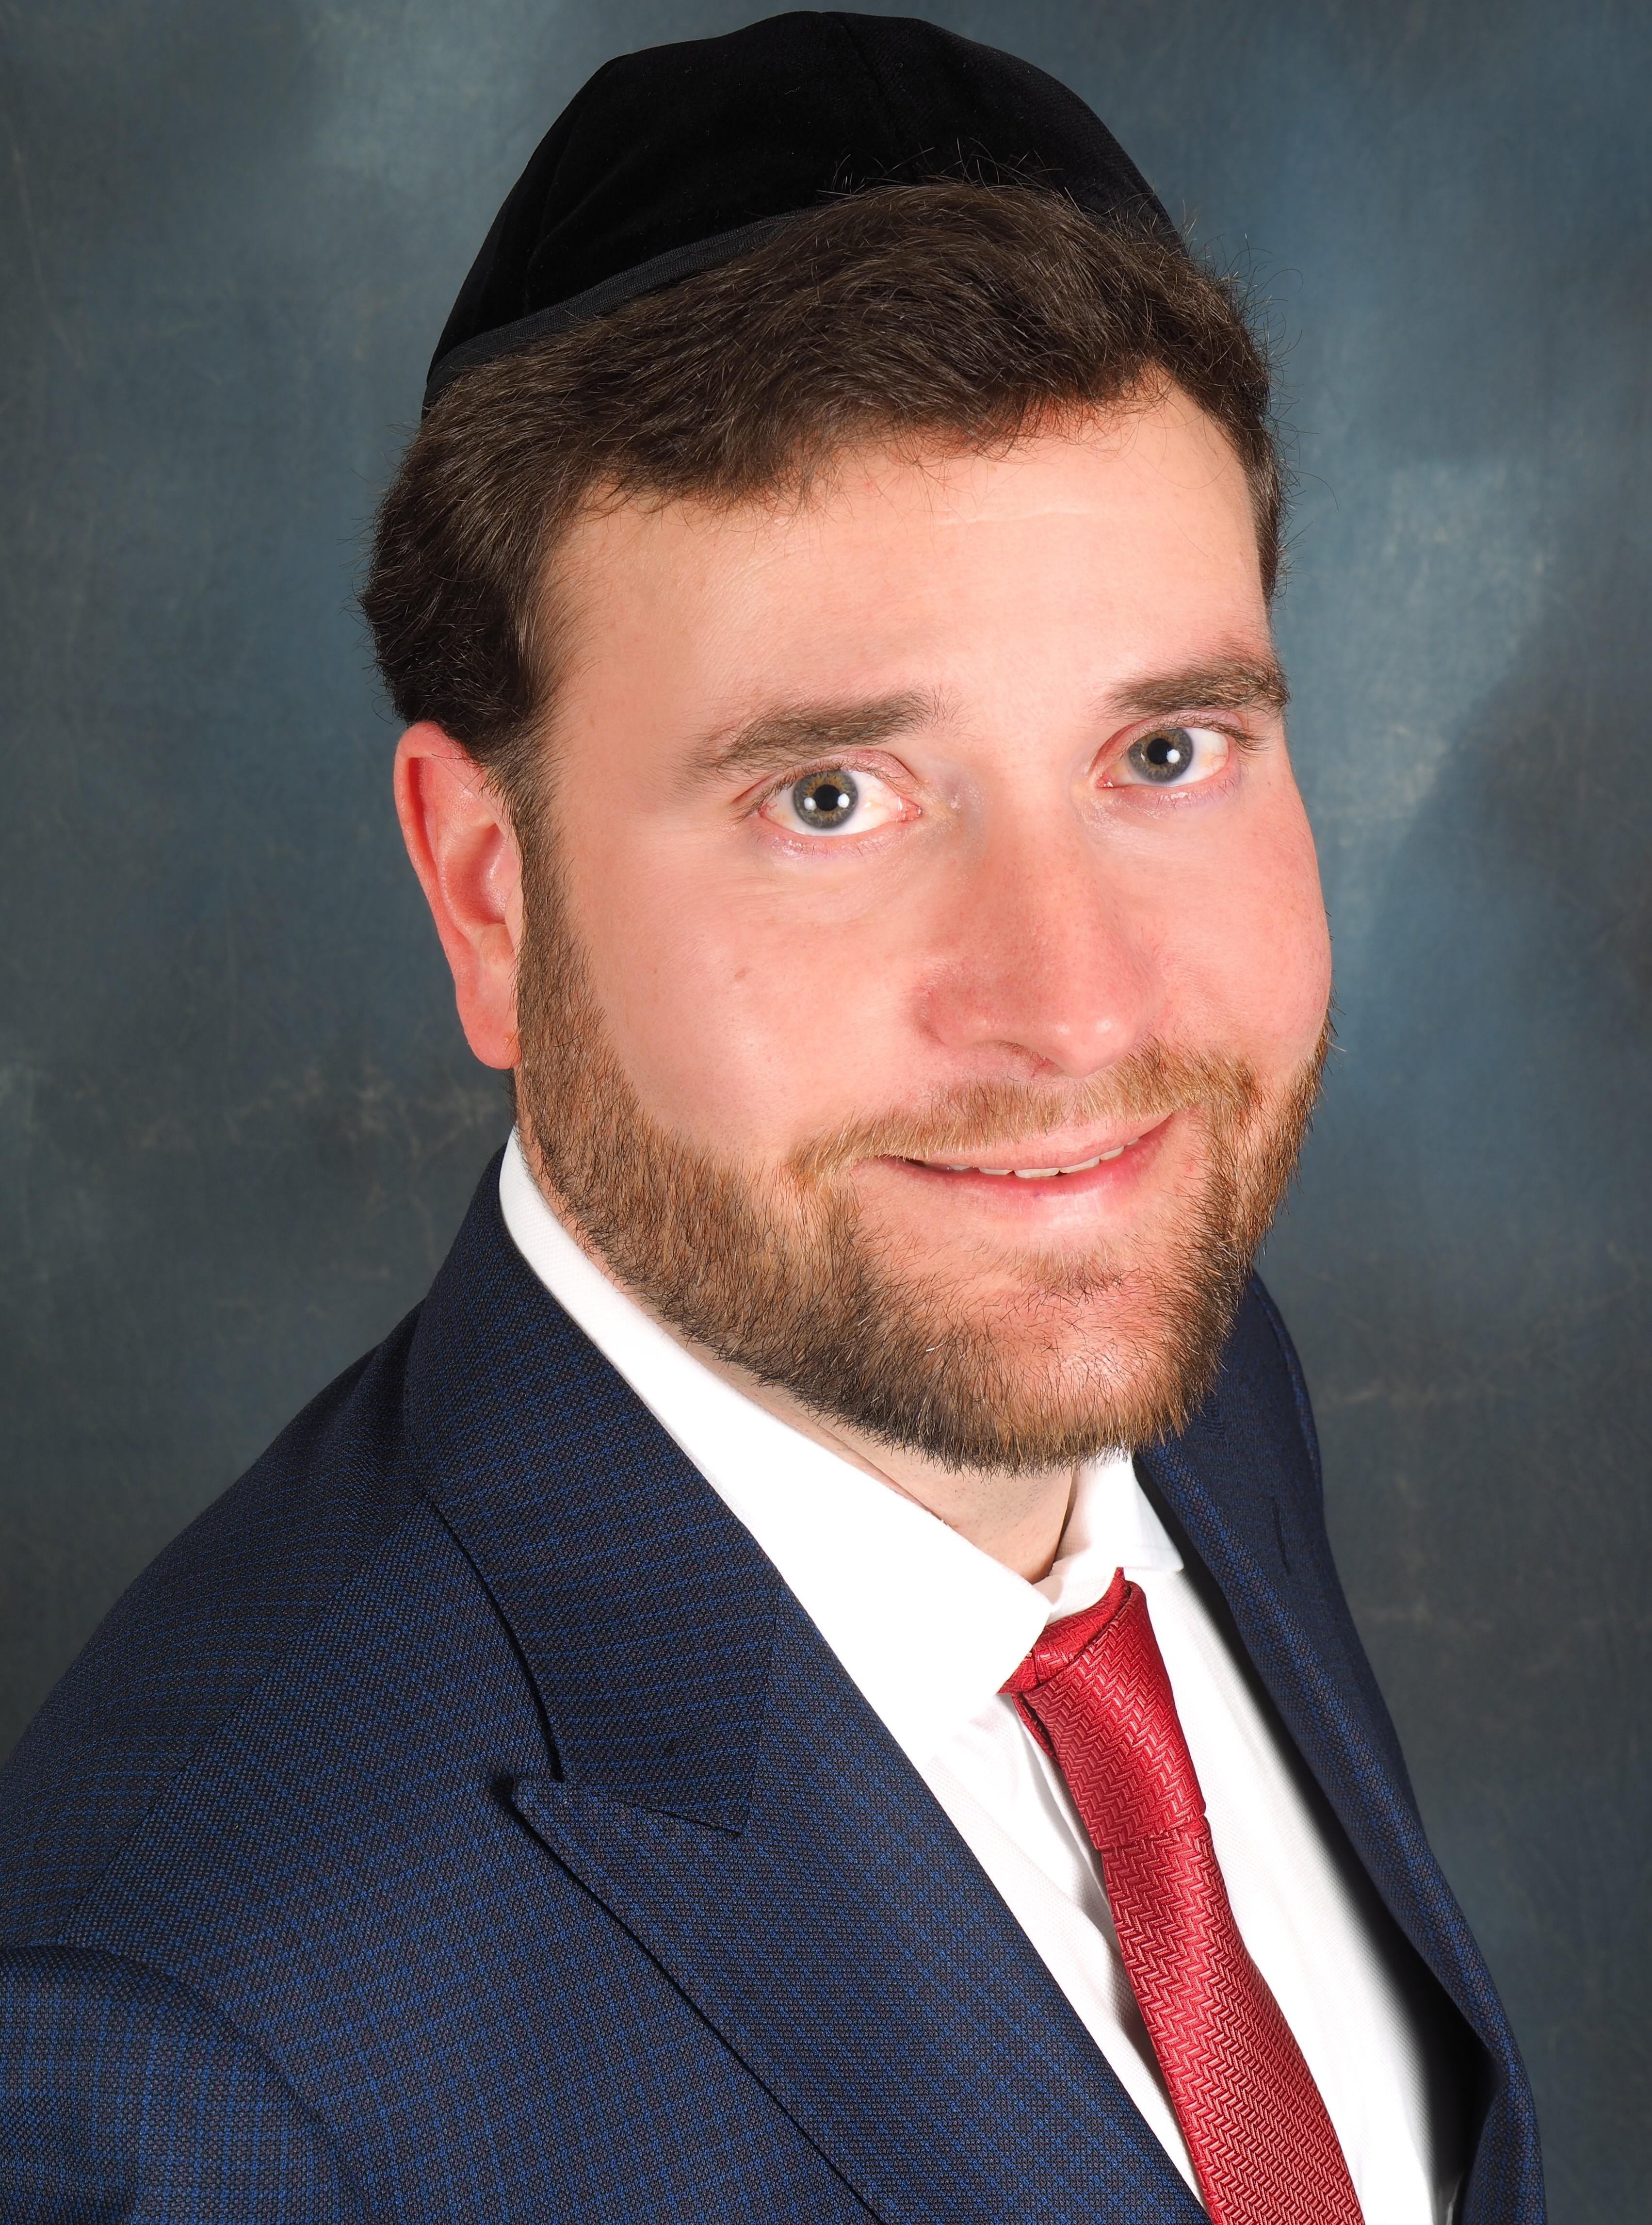 Yisroal Taub